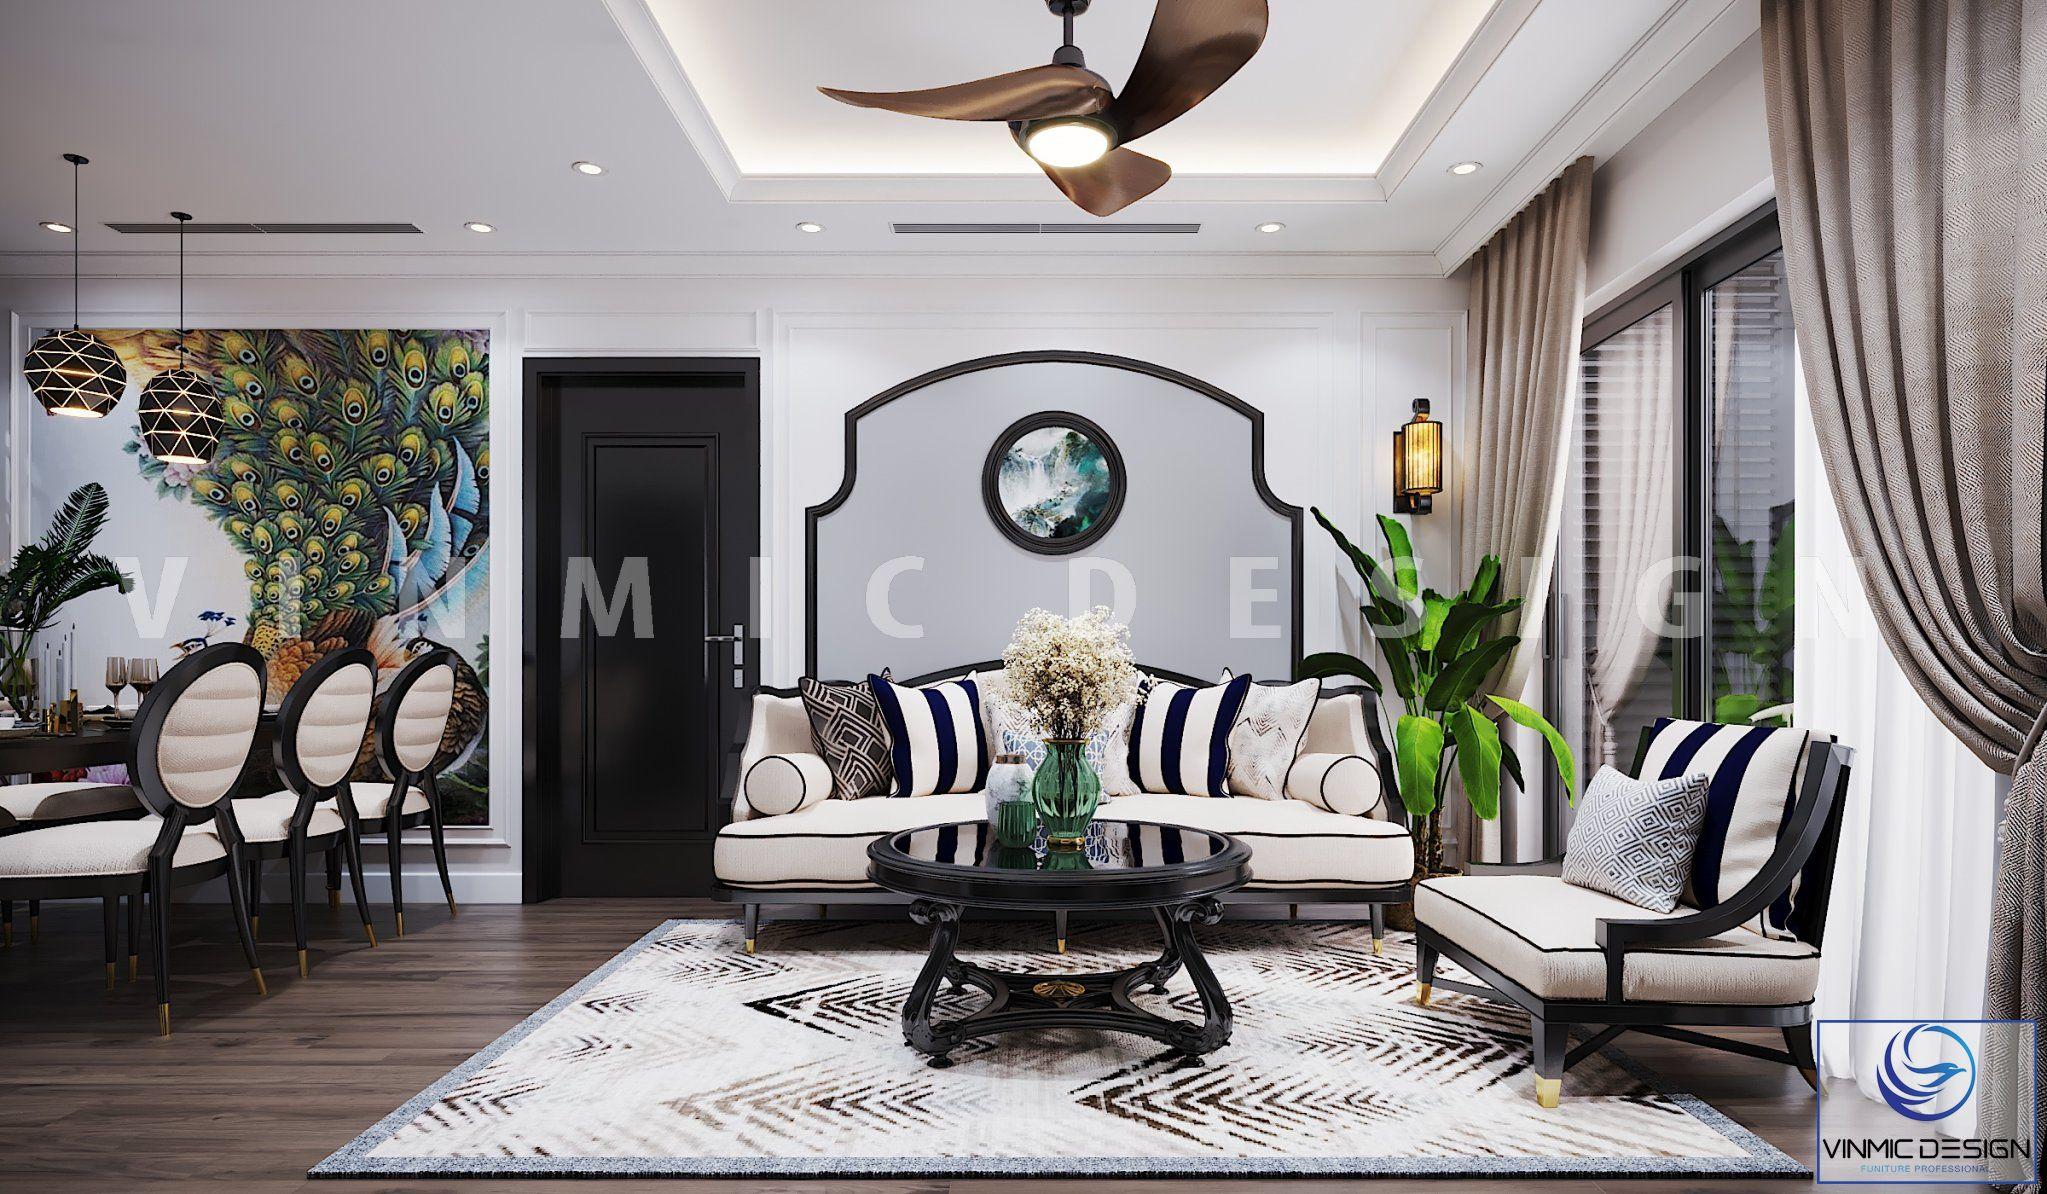 Thiết kế nội thất phòng khách phong cách Indochine (Á Đông) tinh tế tại chung cư Vinhomes Metropolis